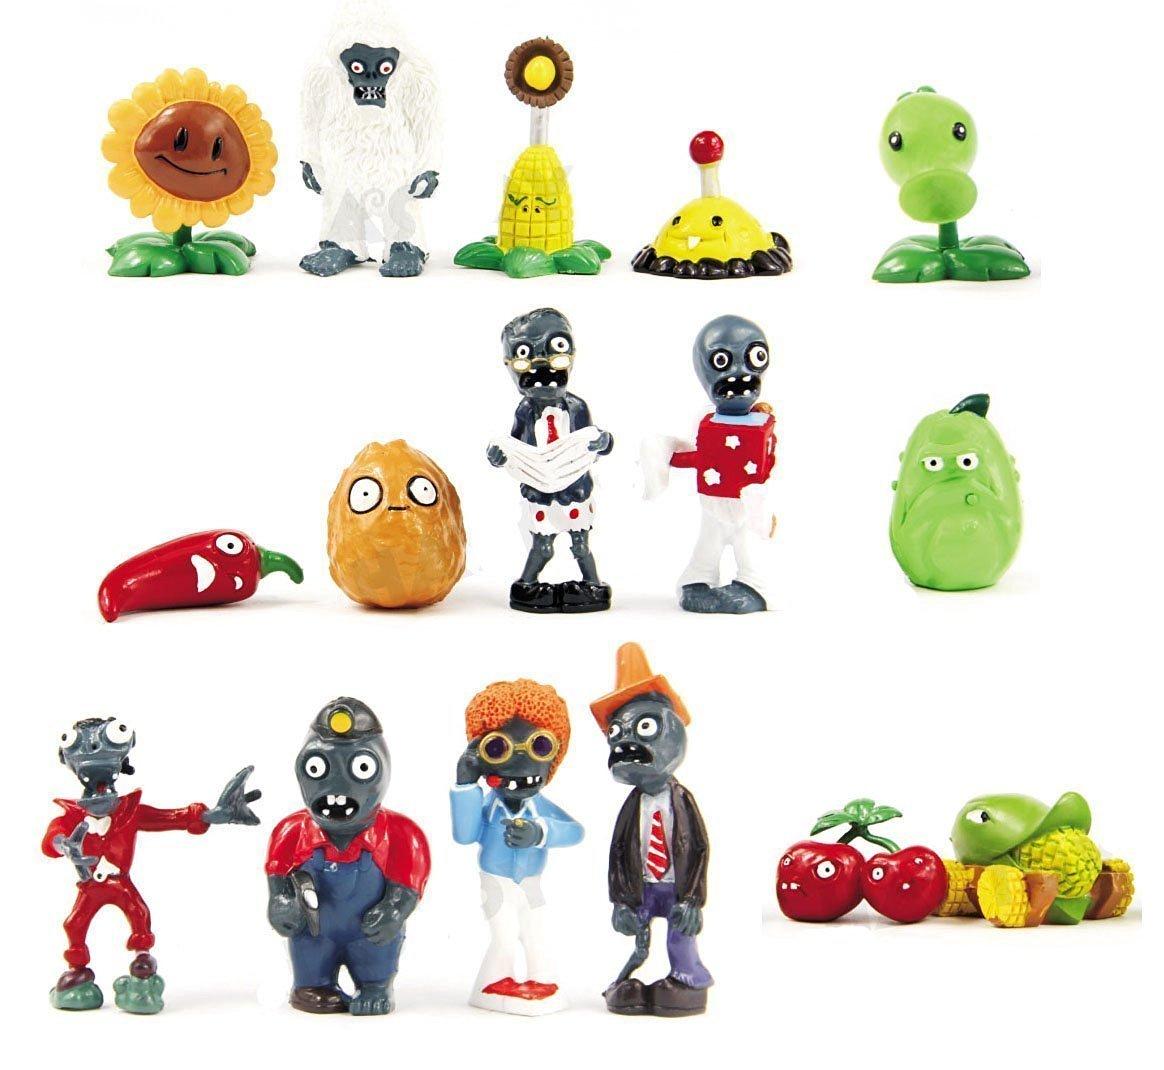 Buy Plants vs Zombies Series PVZ Game Role Figure - Melon